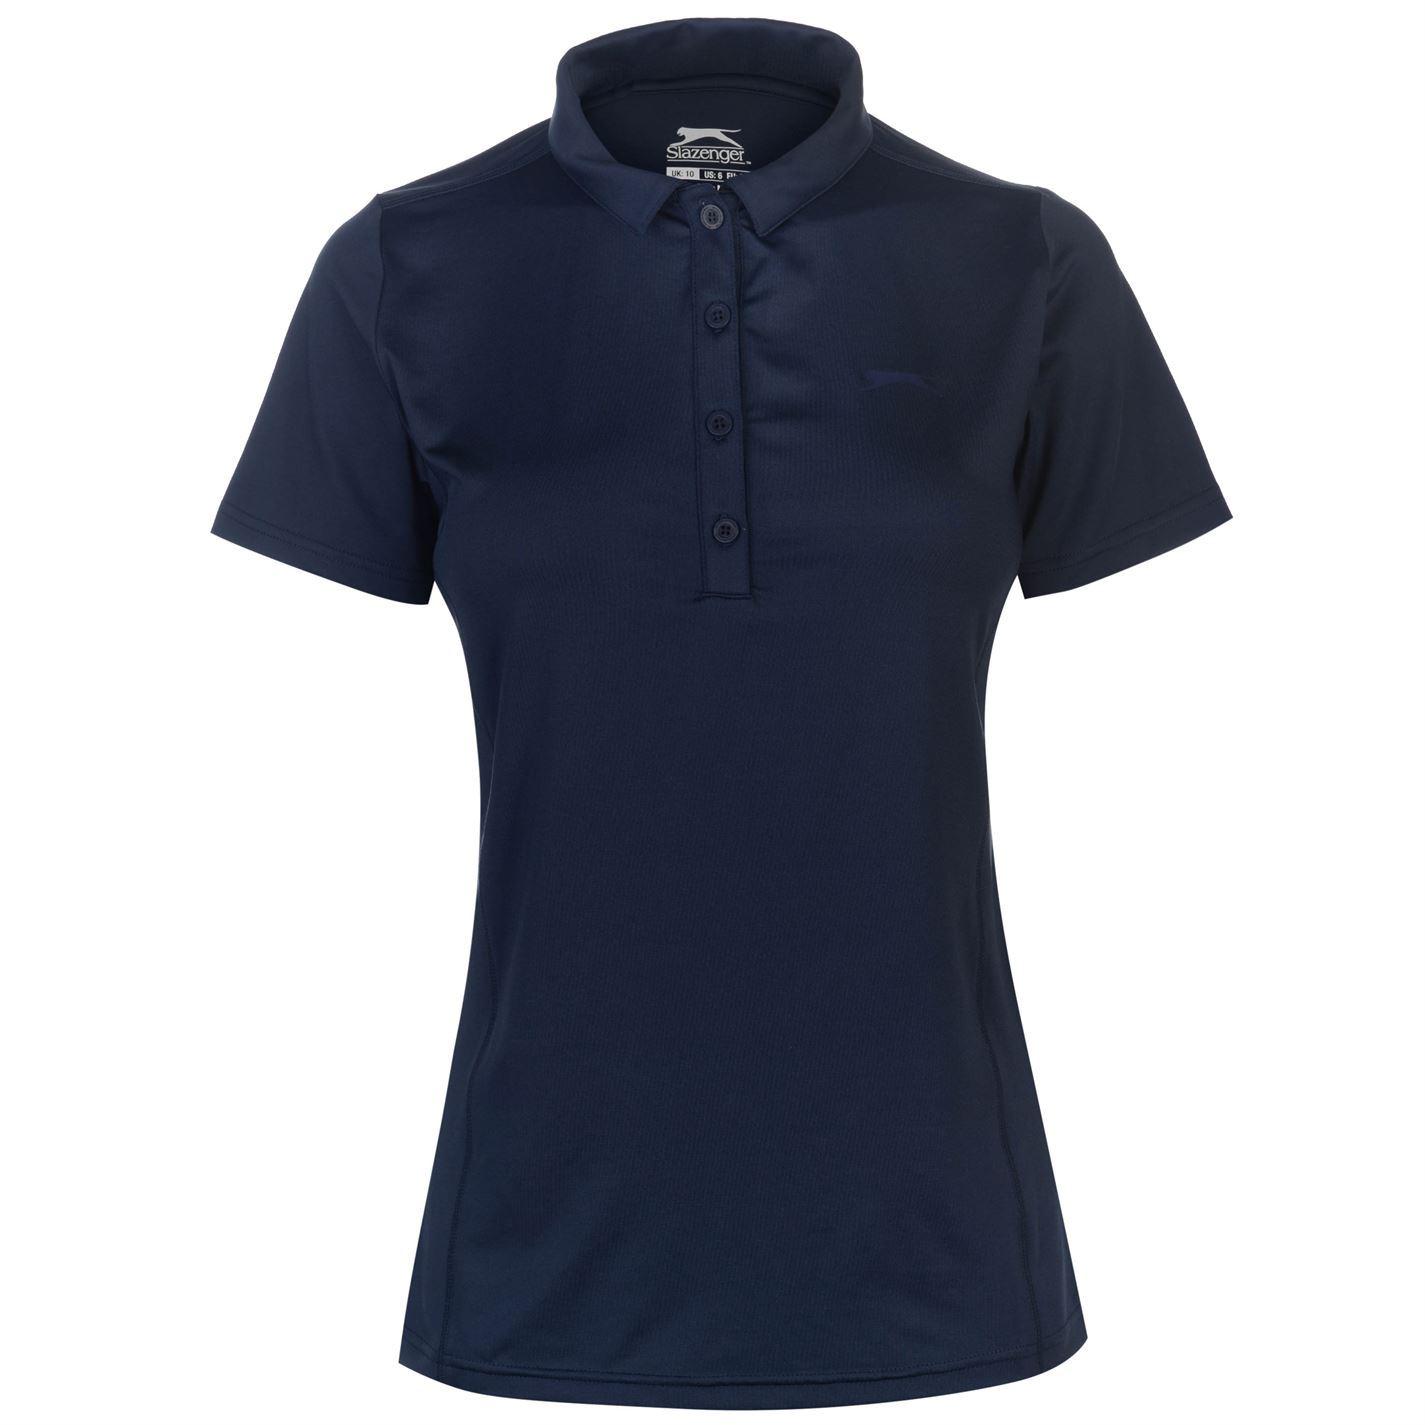 Slazenger-Plain-Golf-Polo-Shirt-Womens-T-Shirt-Top-Tee-Activewear miniature 5